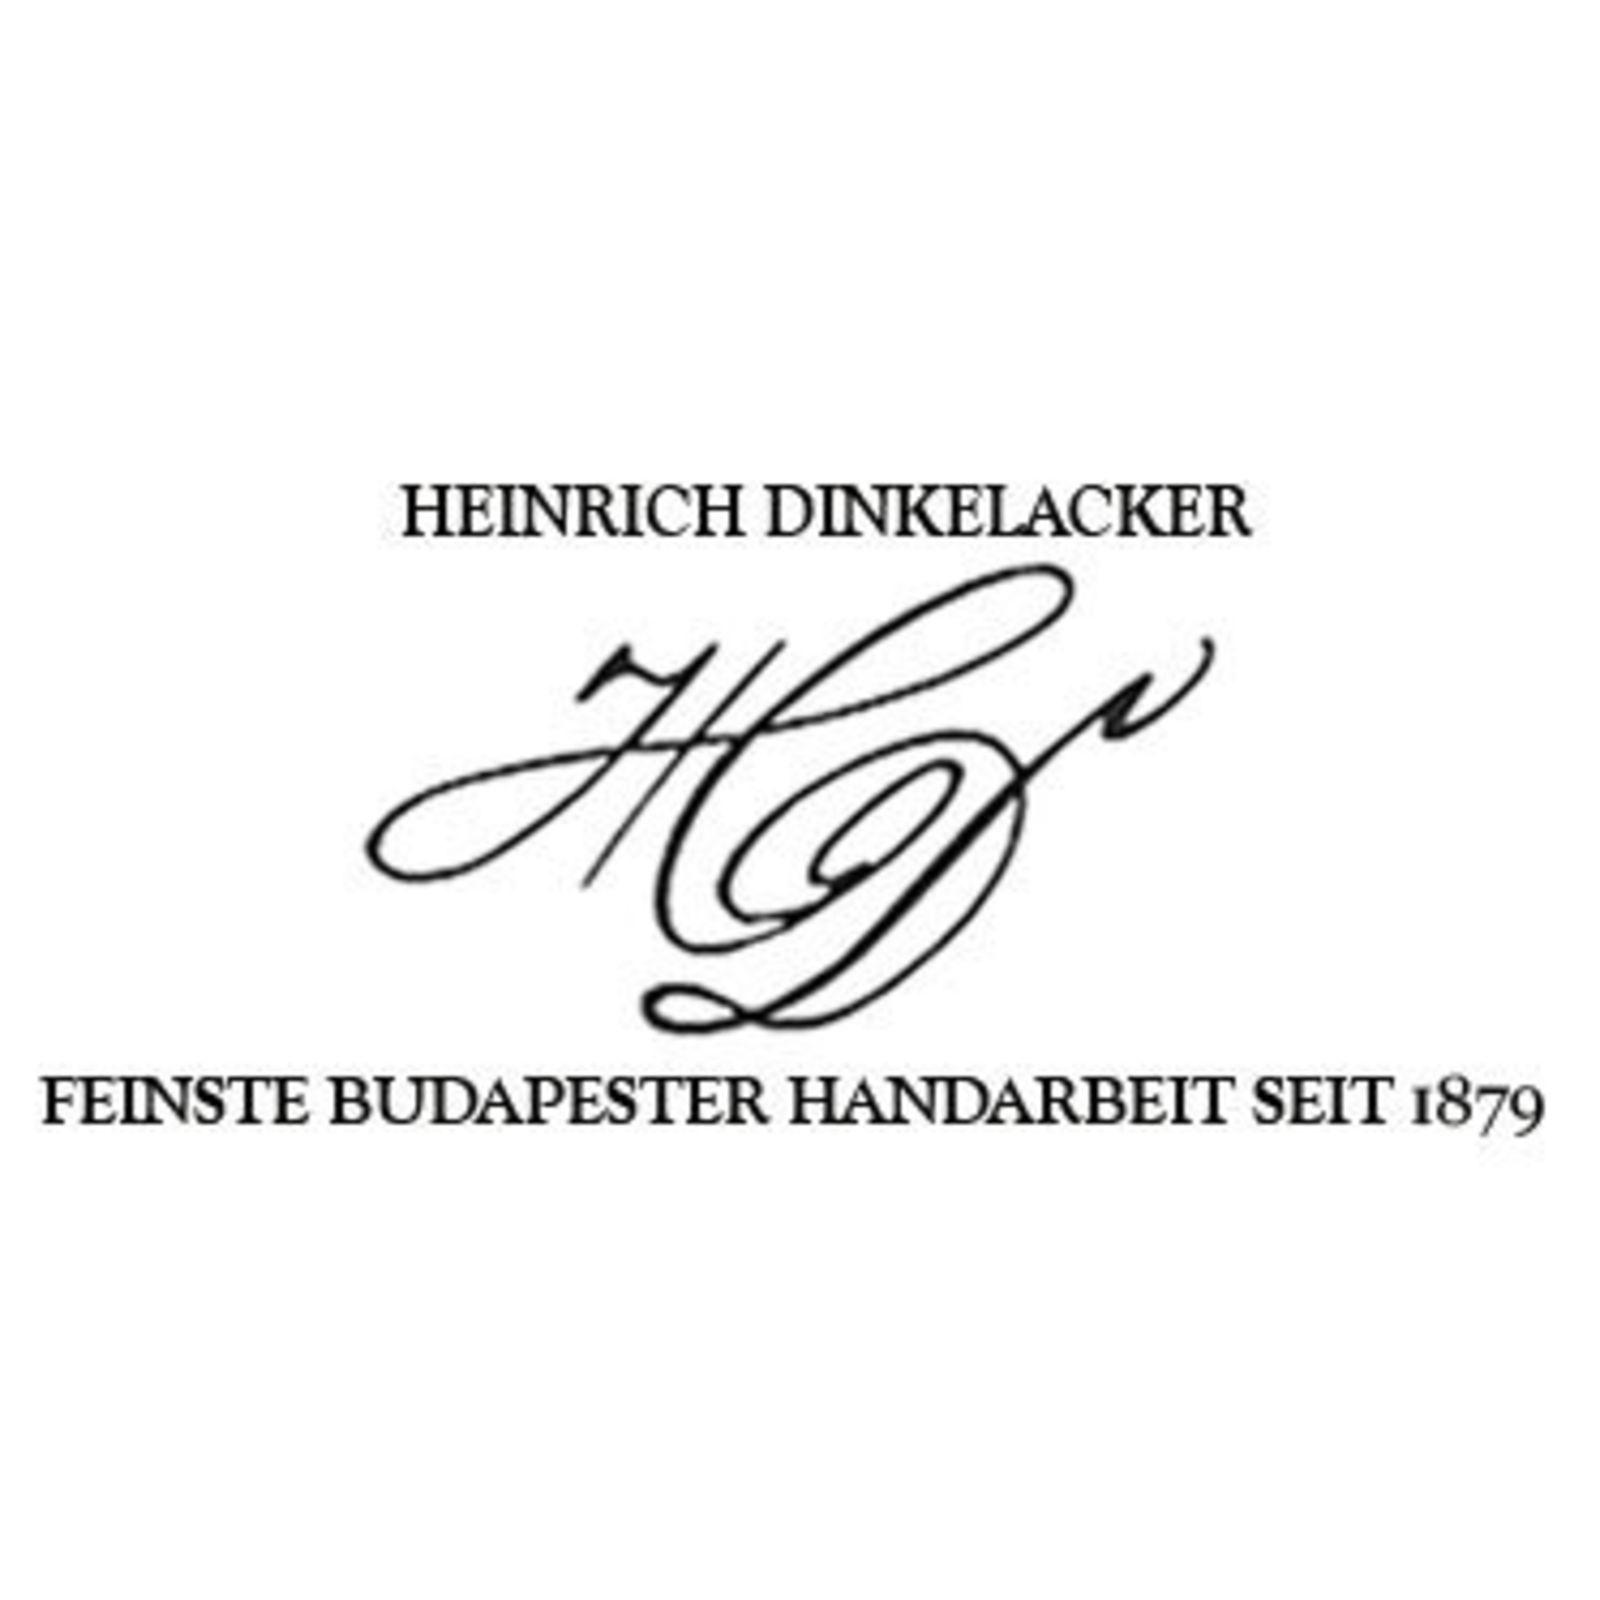 HEINRICH DINKELACKER